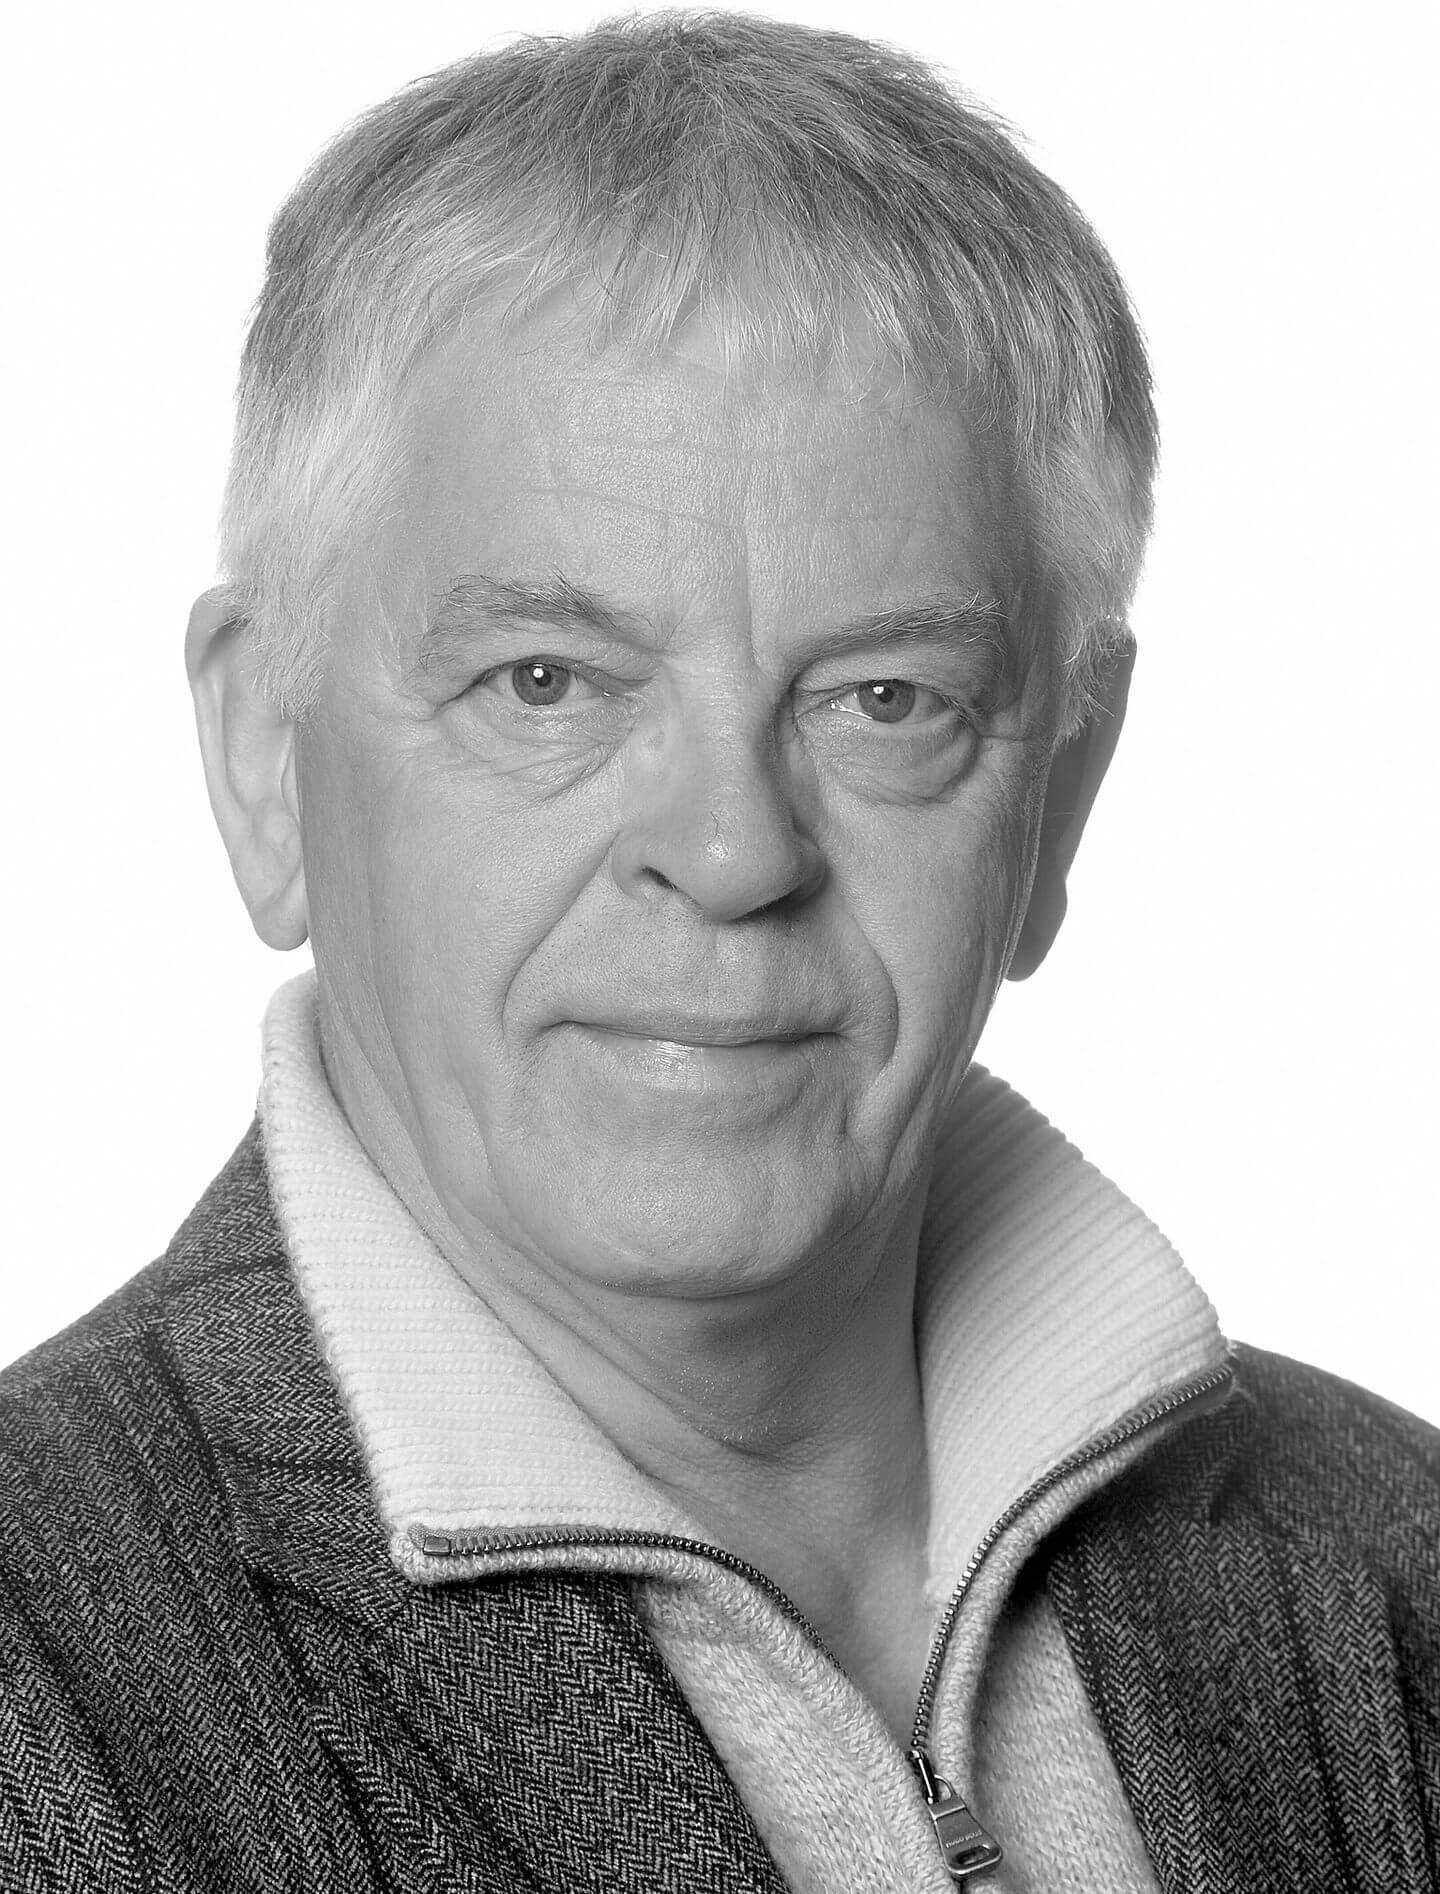 Arnar Jónsson